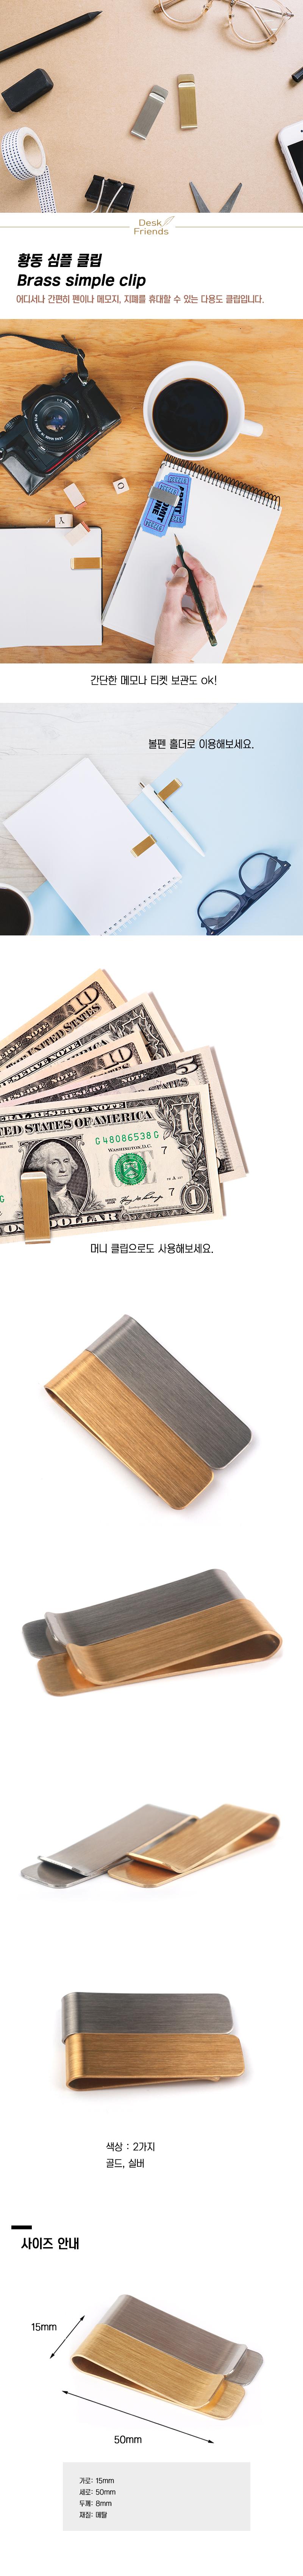 황동 심플 머니클립 - 이엔코리아, 4,900원, 데스크소품, 문진/표지판/소품